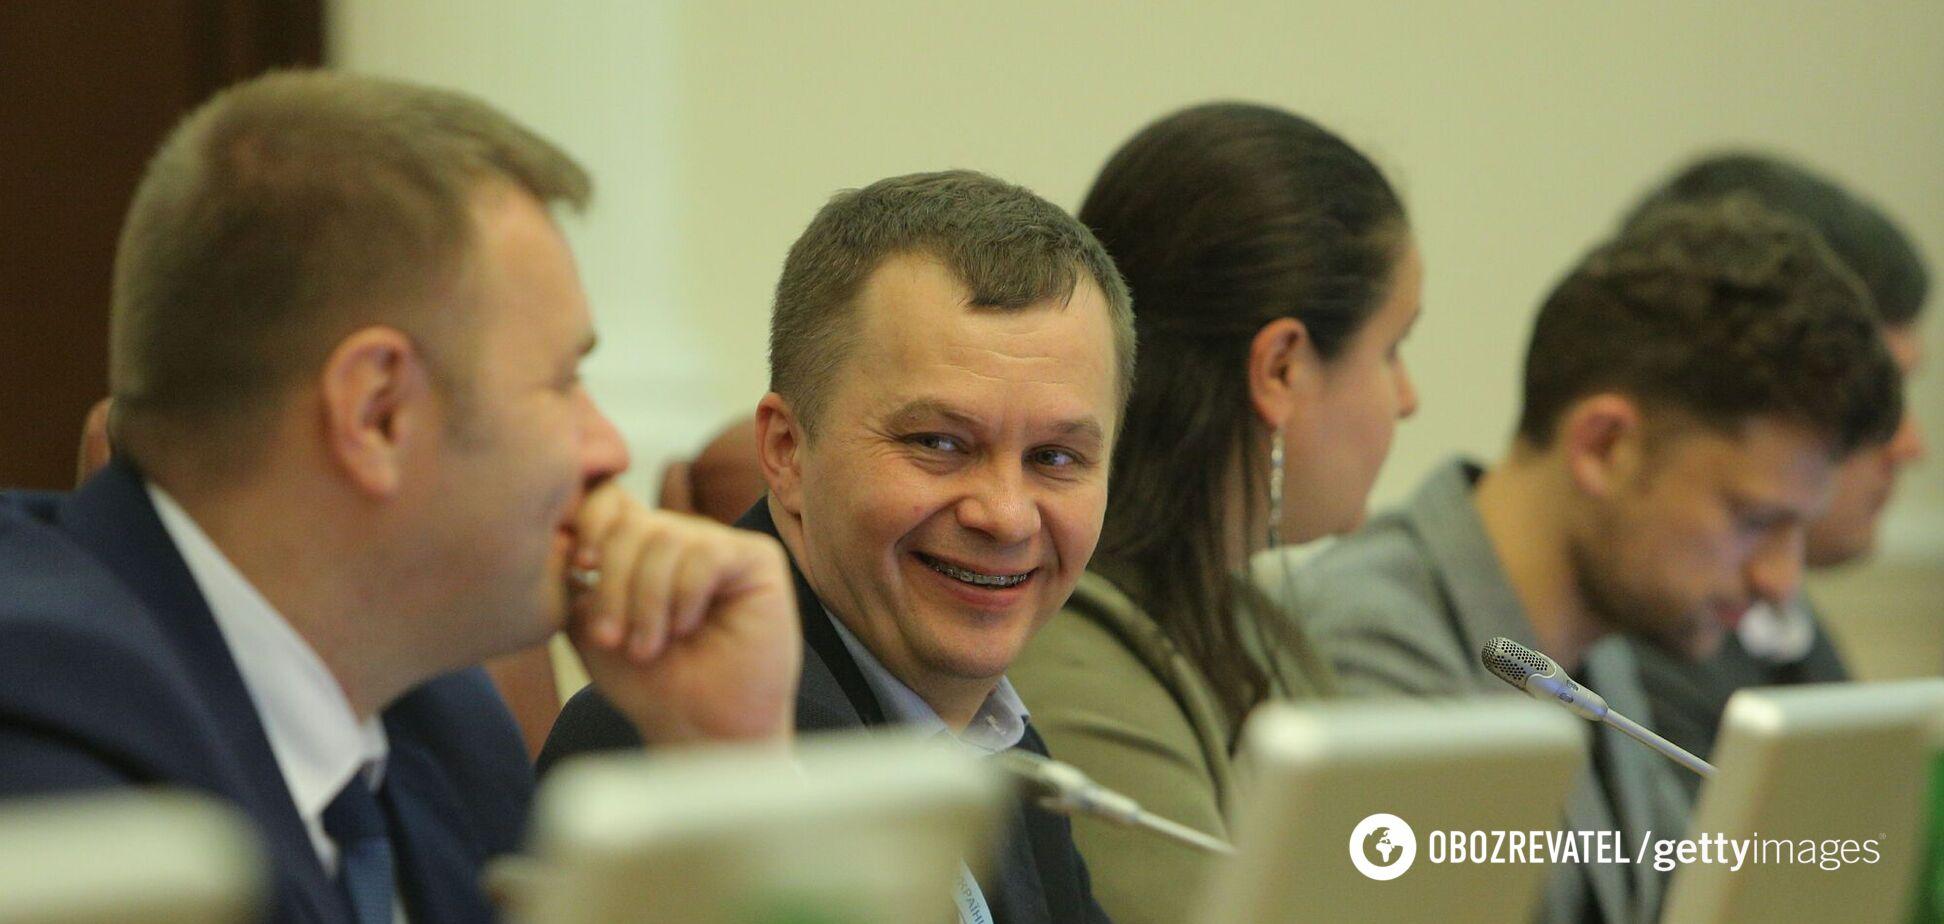 Милованов выступил за печать денег из-за критической ситуации в Украине